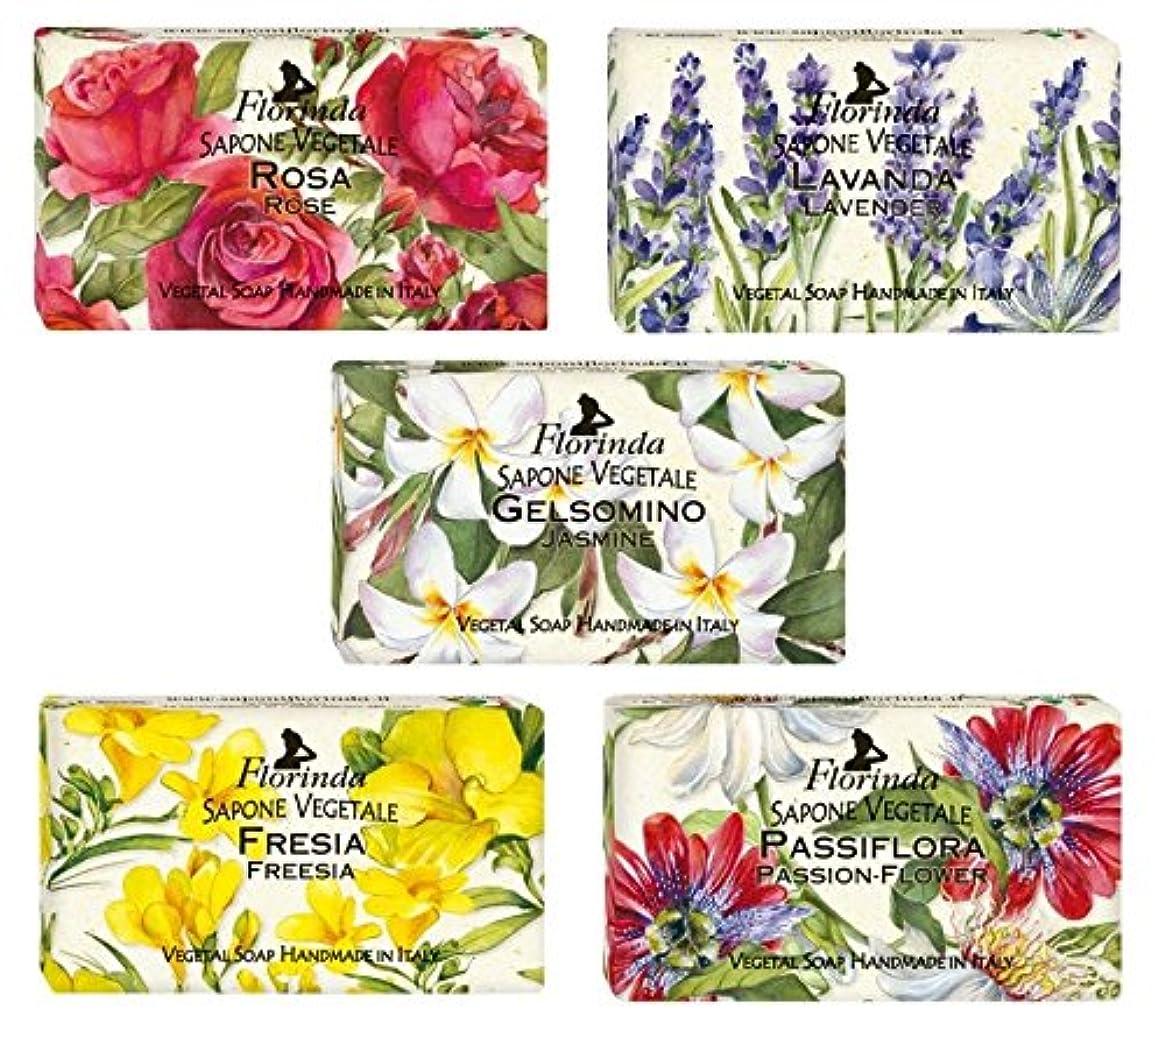 味クライマックス言う【5種セット】 フロリンダ フレグランスソープ 95g 花の香り 5種セット